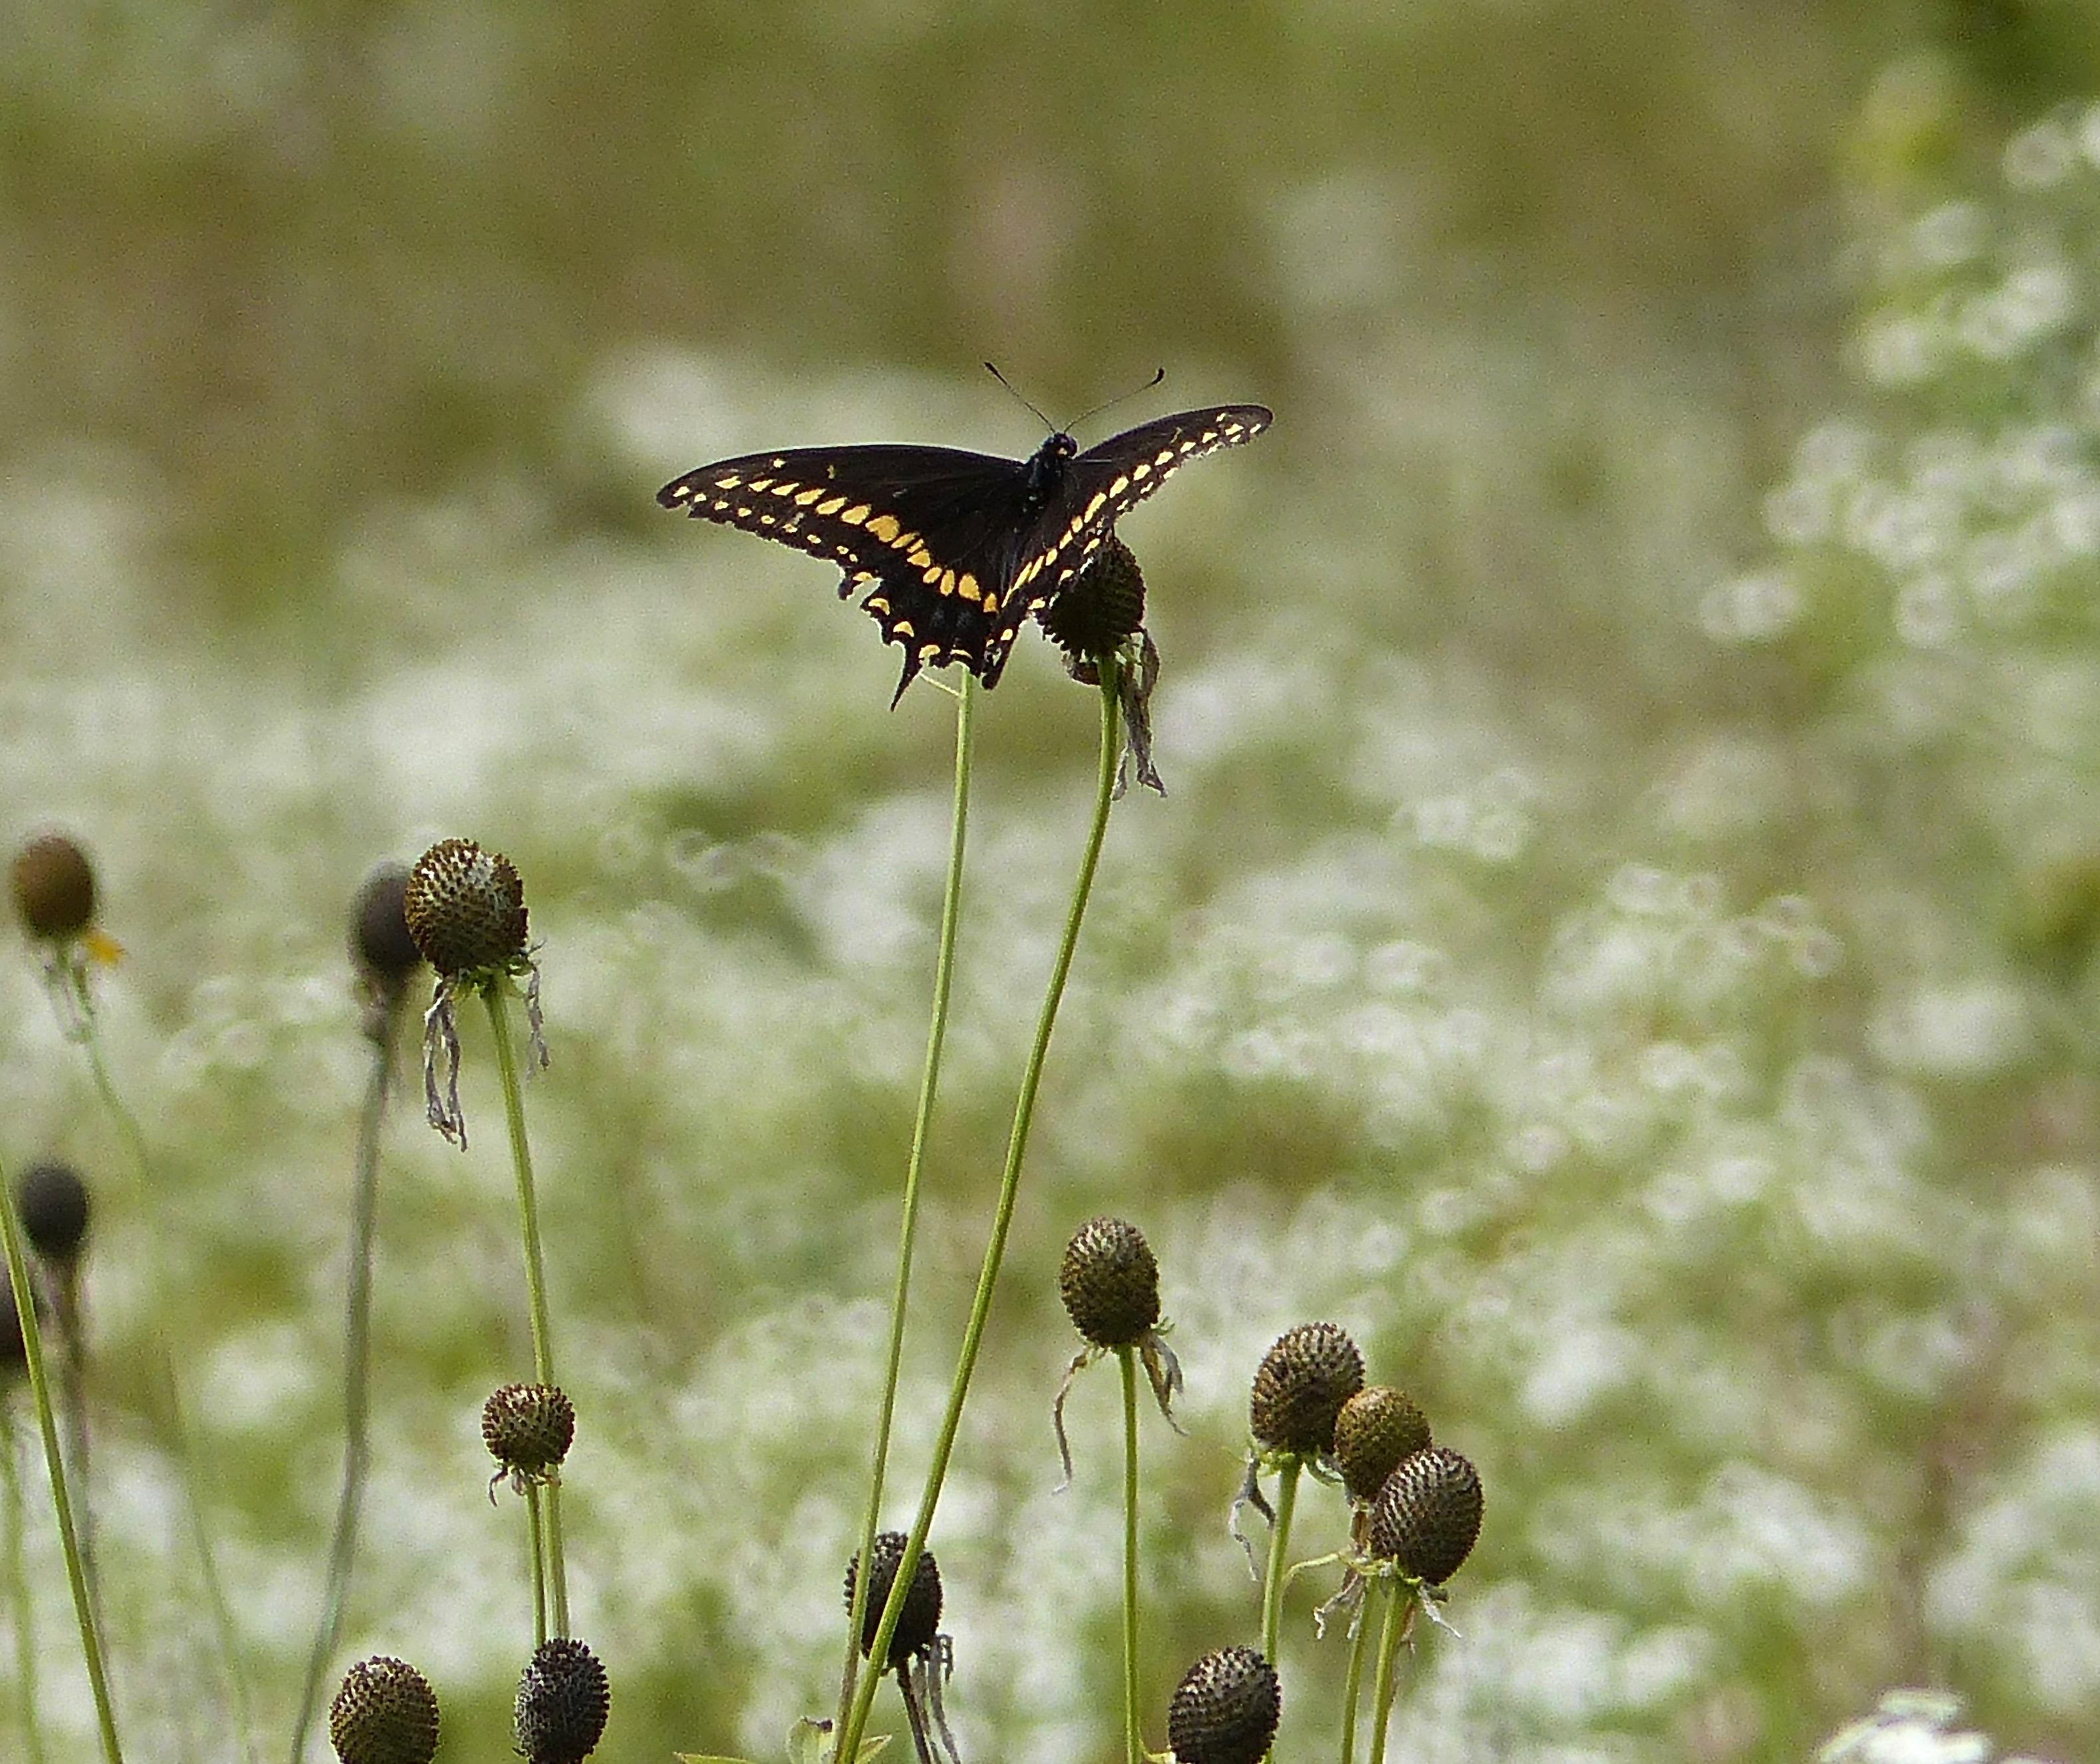 Black Swallowtail NG816